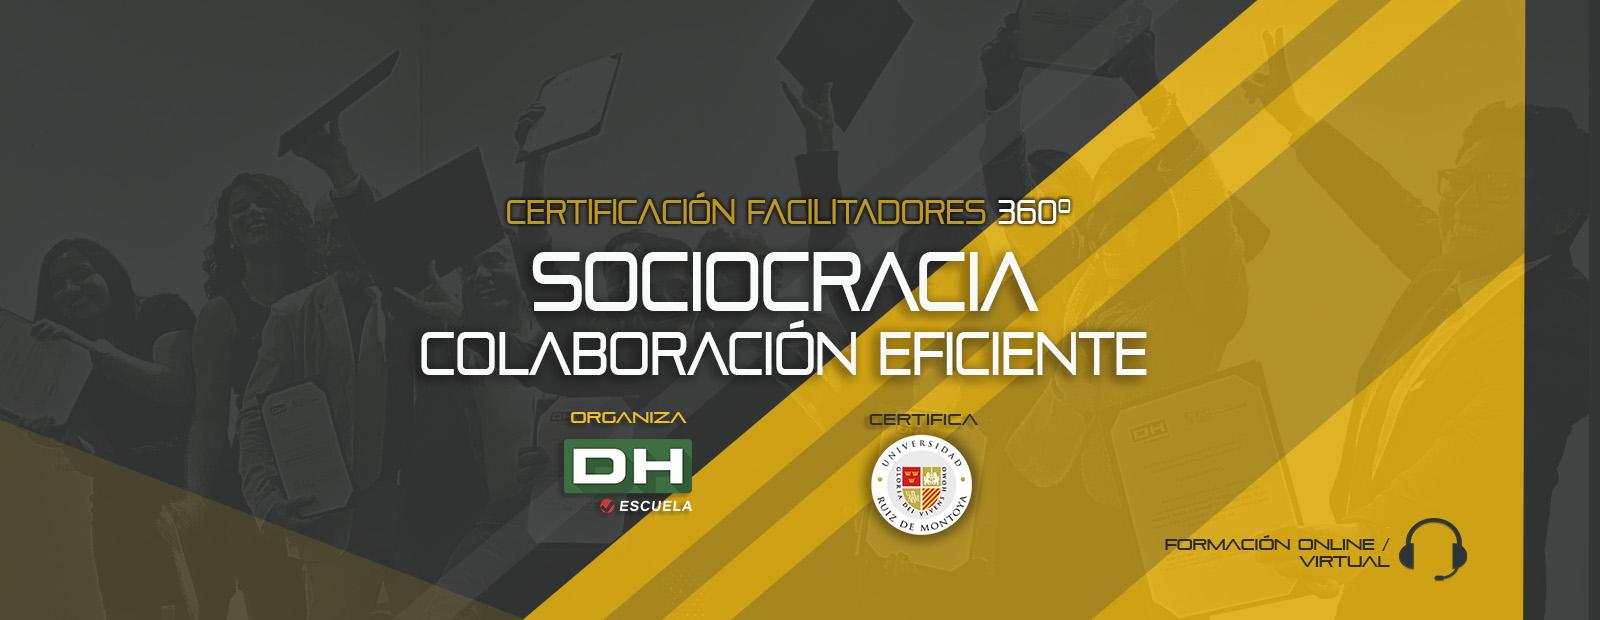 Módulo 02. SOCIOCRACIA. Colaboración Eficiente